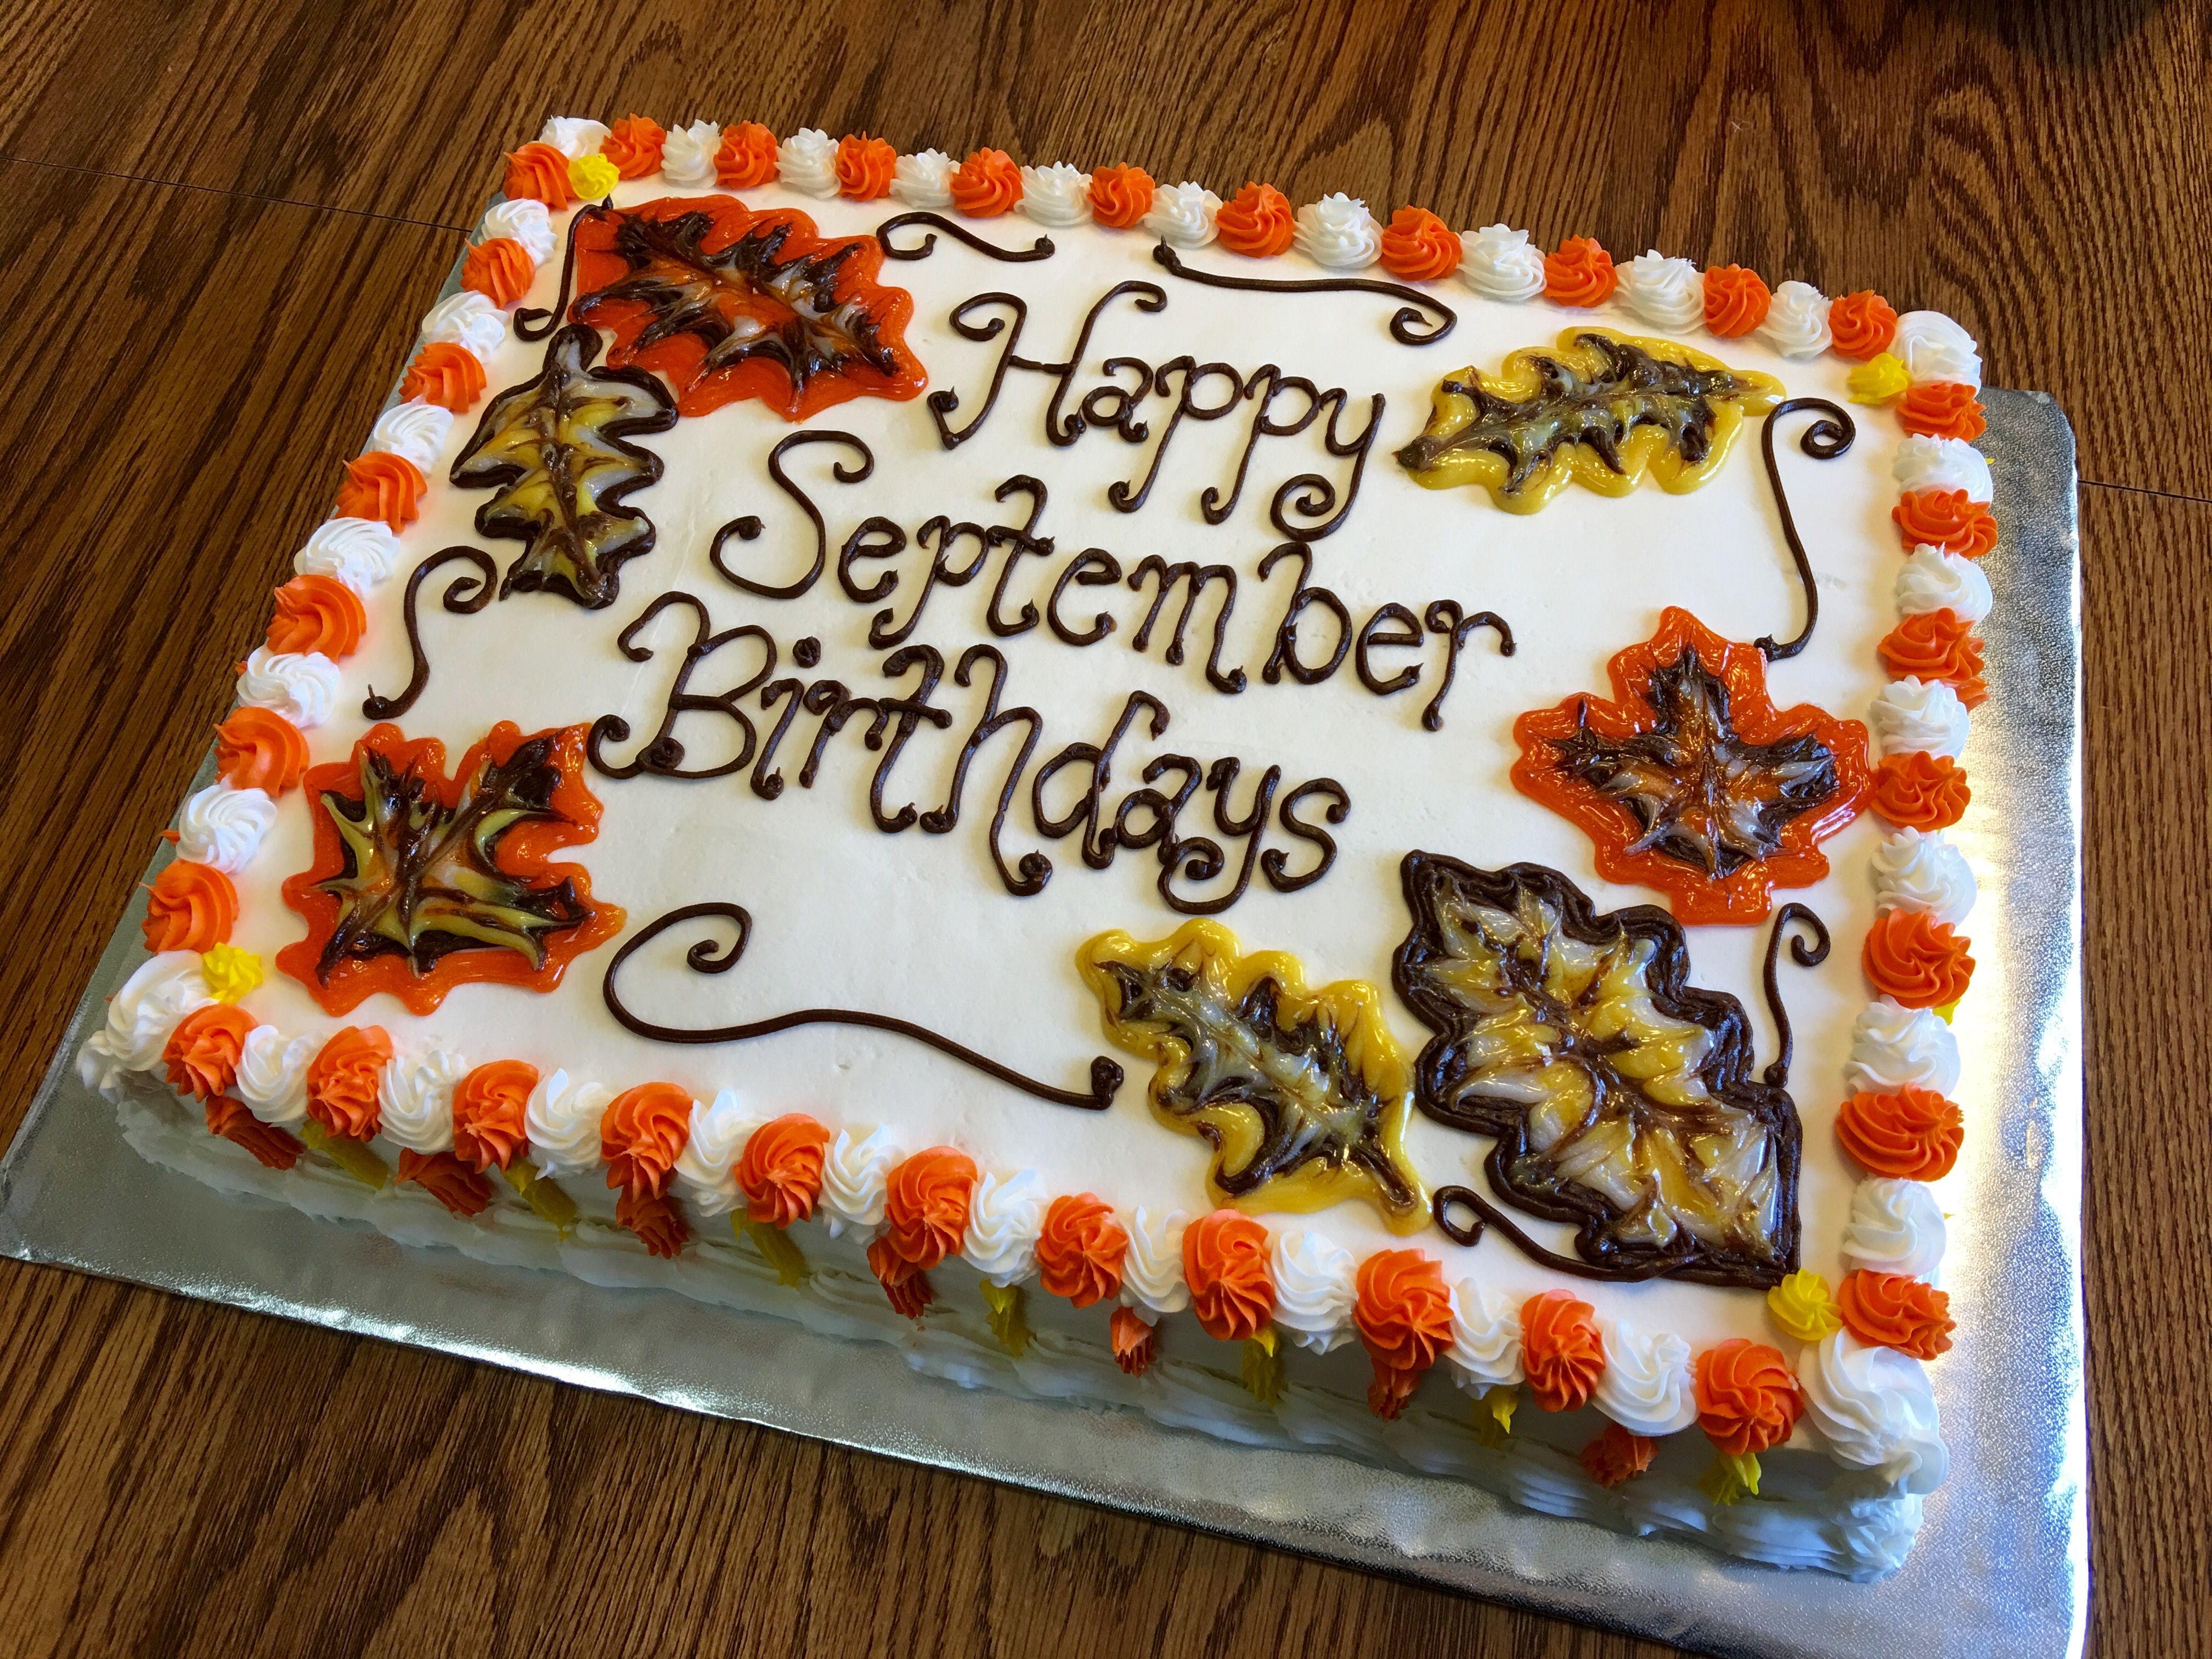 September Birthday Cake Birthday messages, Cake